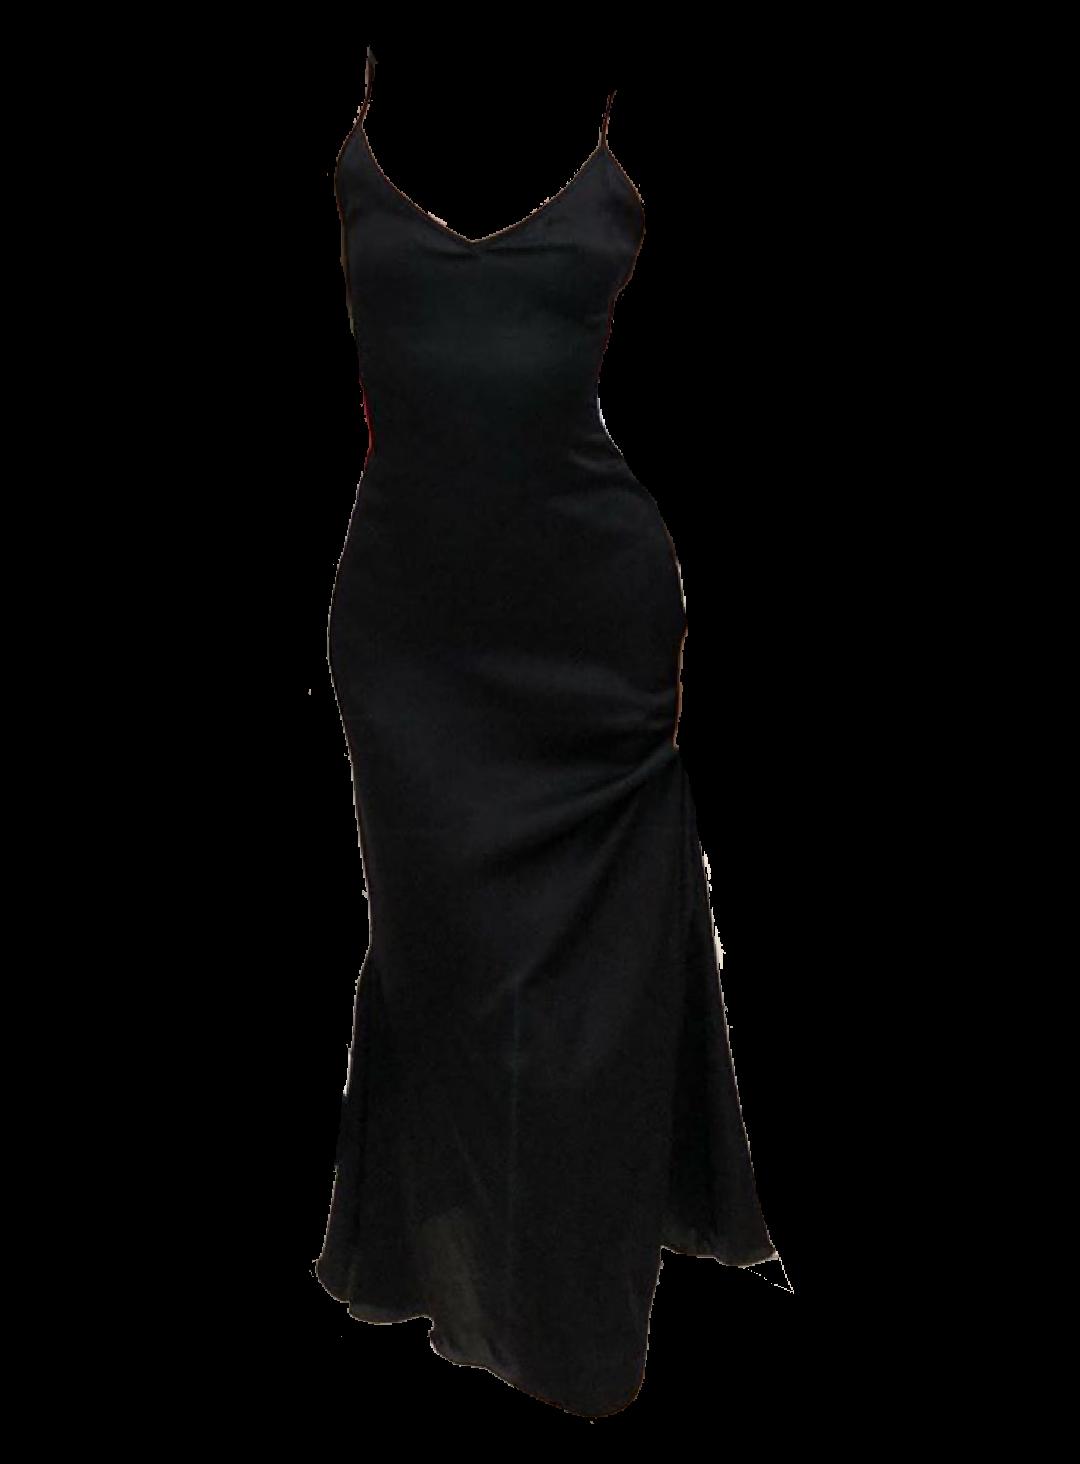 Black Dress Png Moodboard Filler Polyvore Black Dress Dress Png Dresses